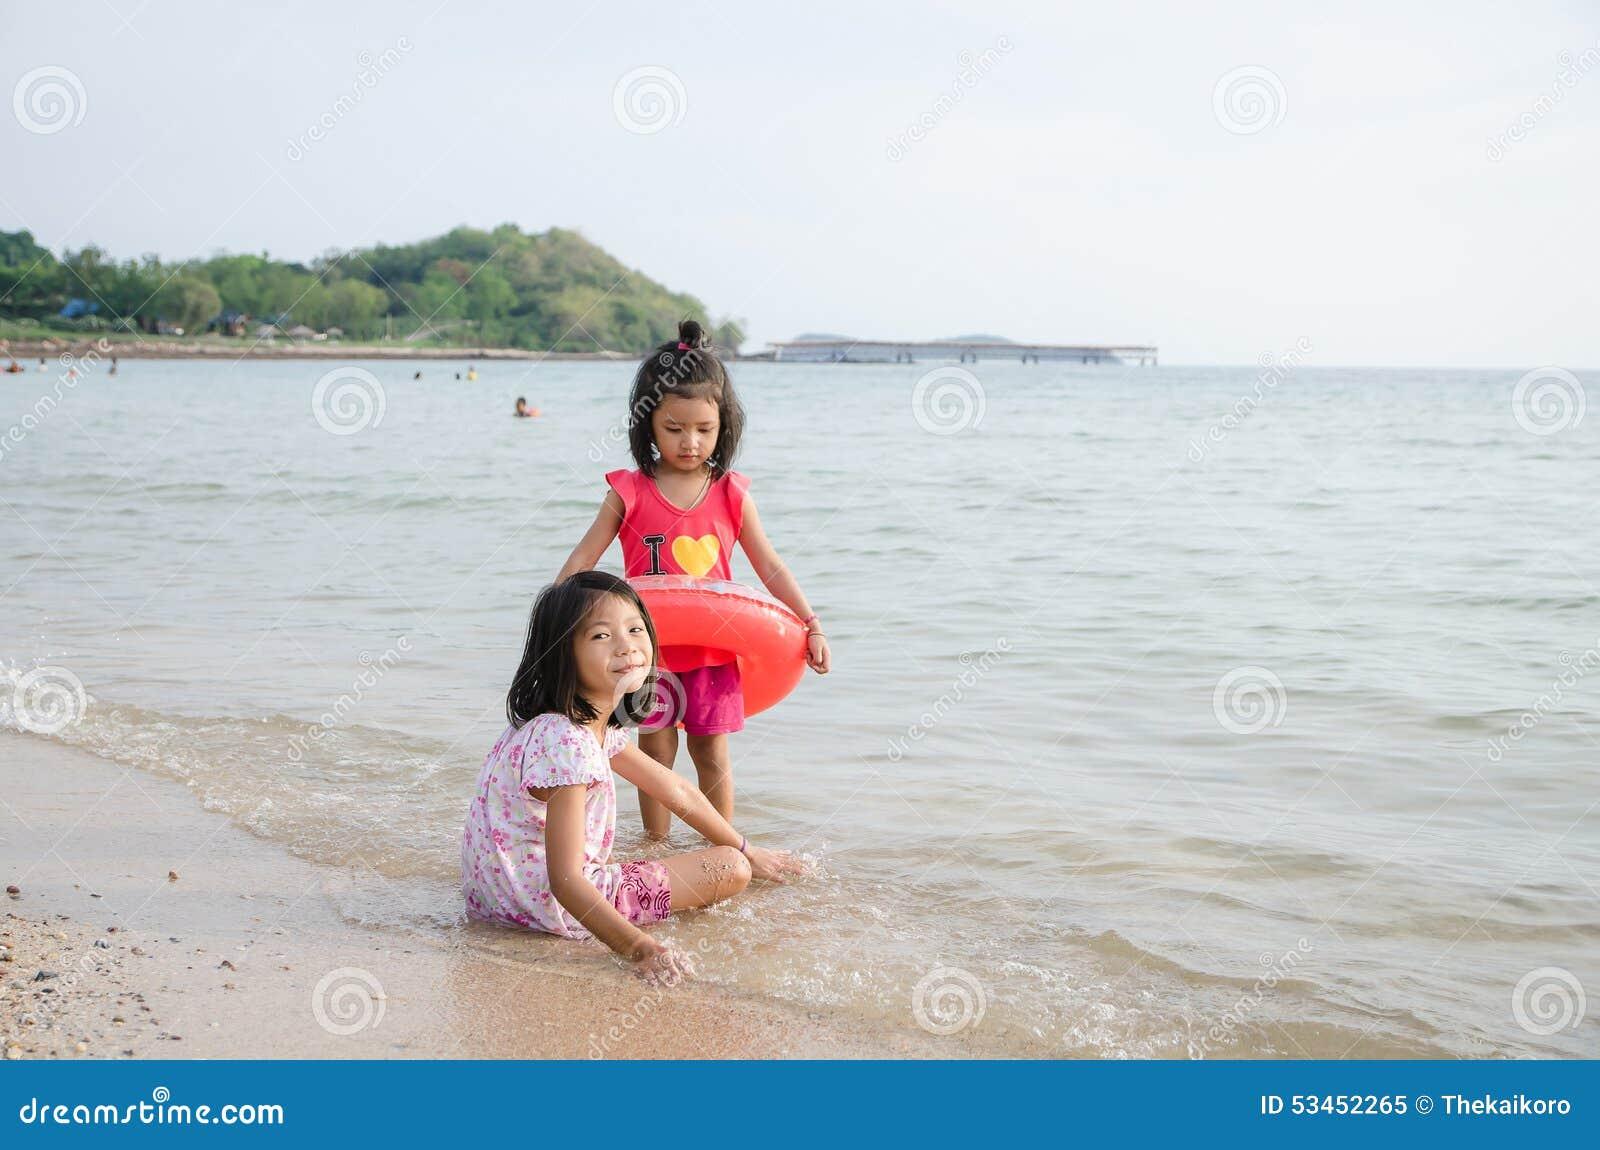 Лесби тайская девушка пляж